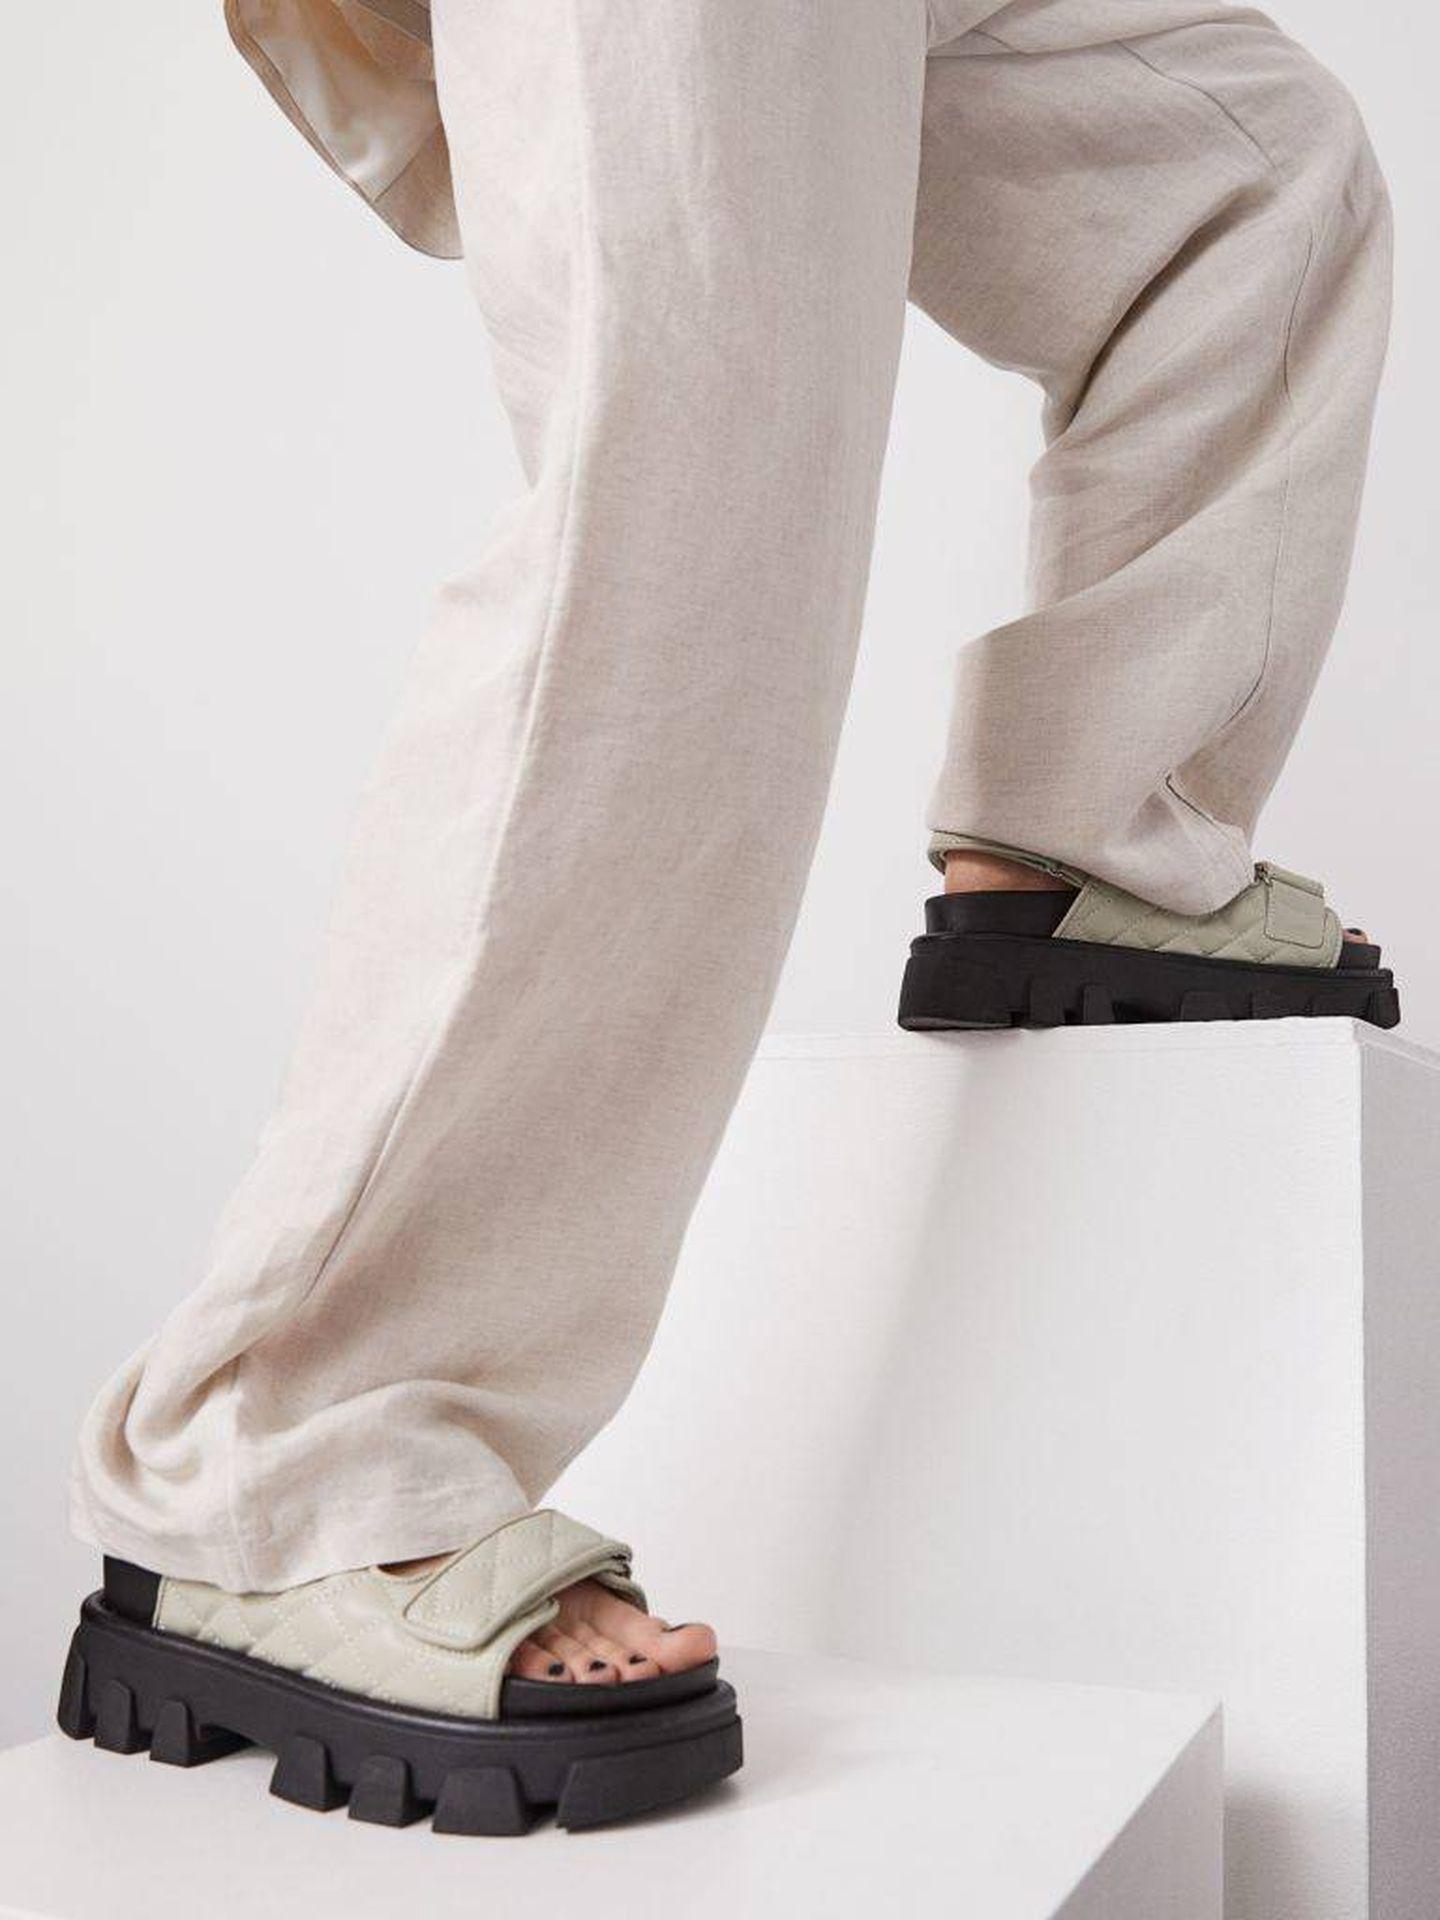 Las sandalias con suela track de HyM. (Cortesía)